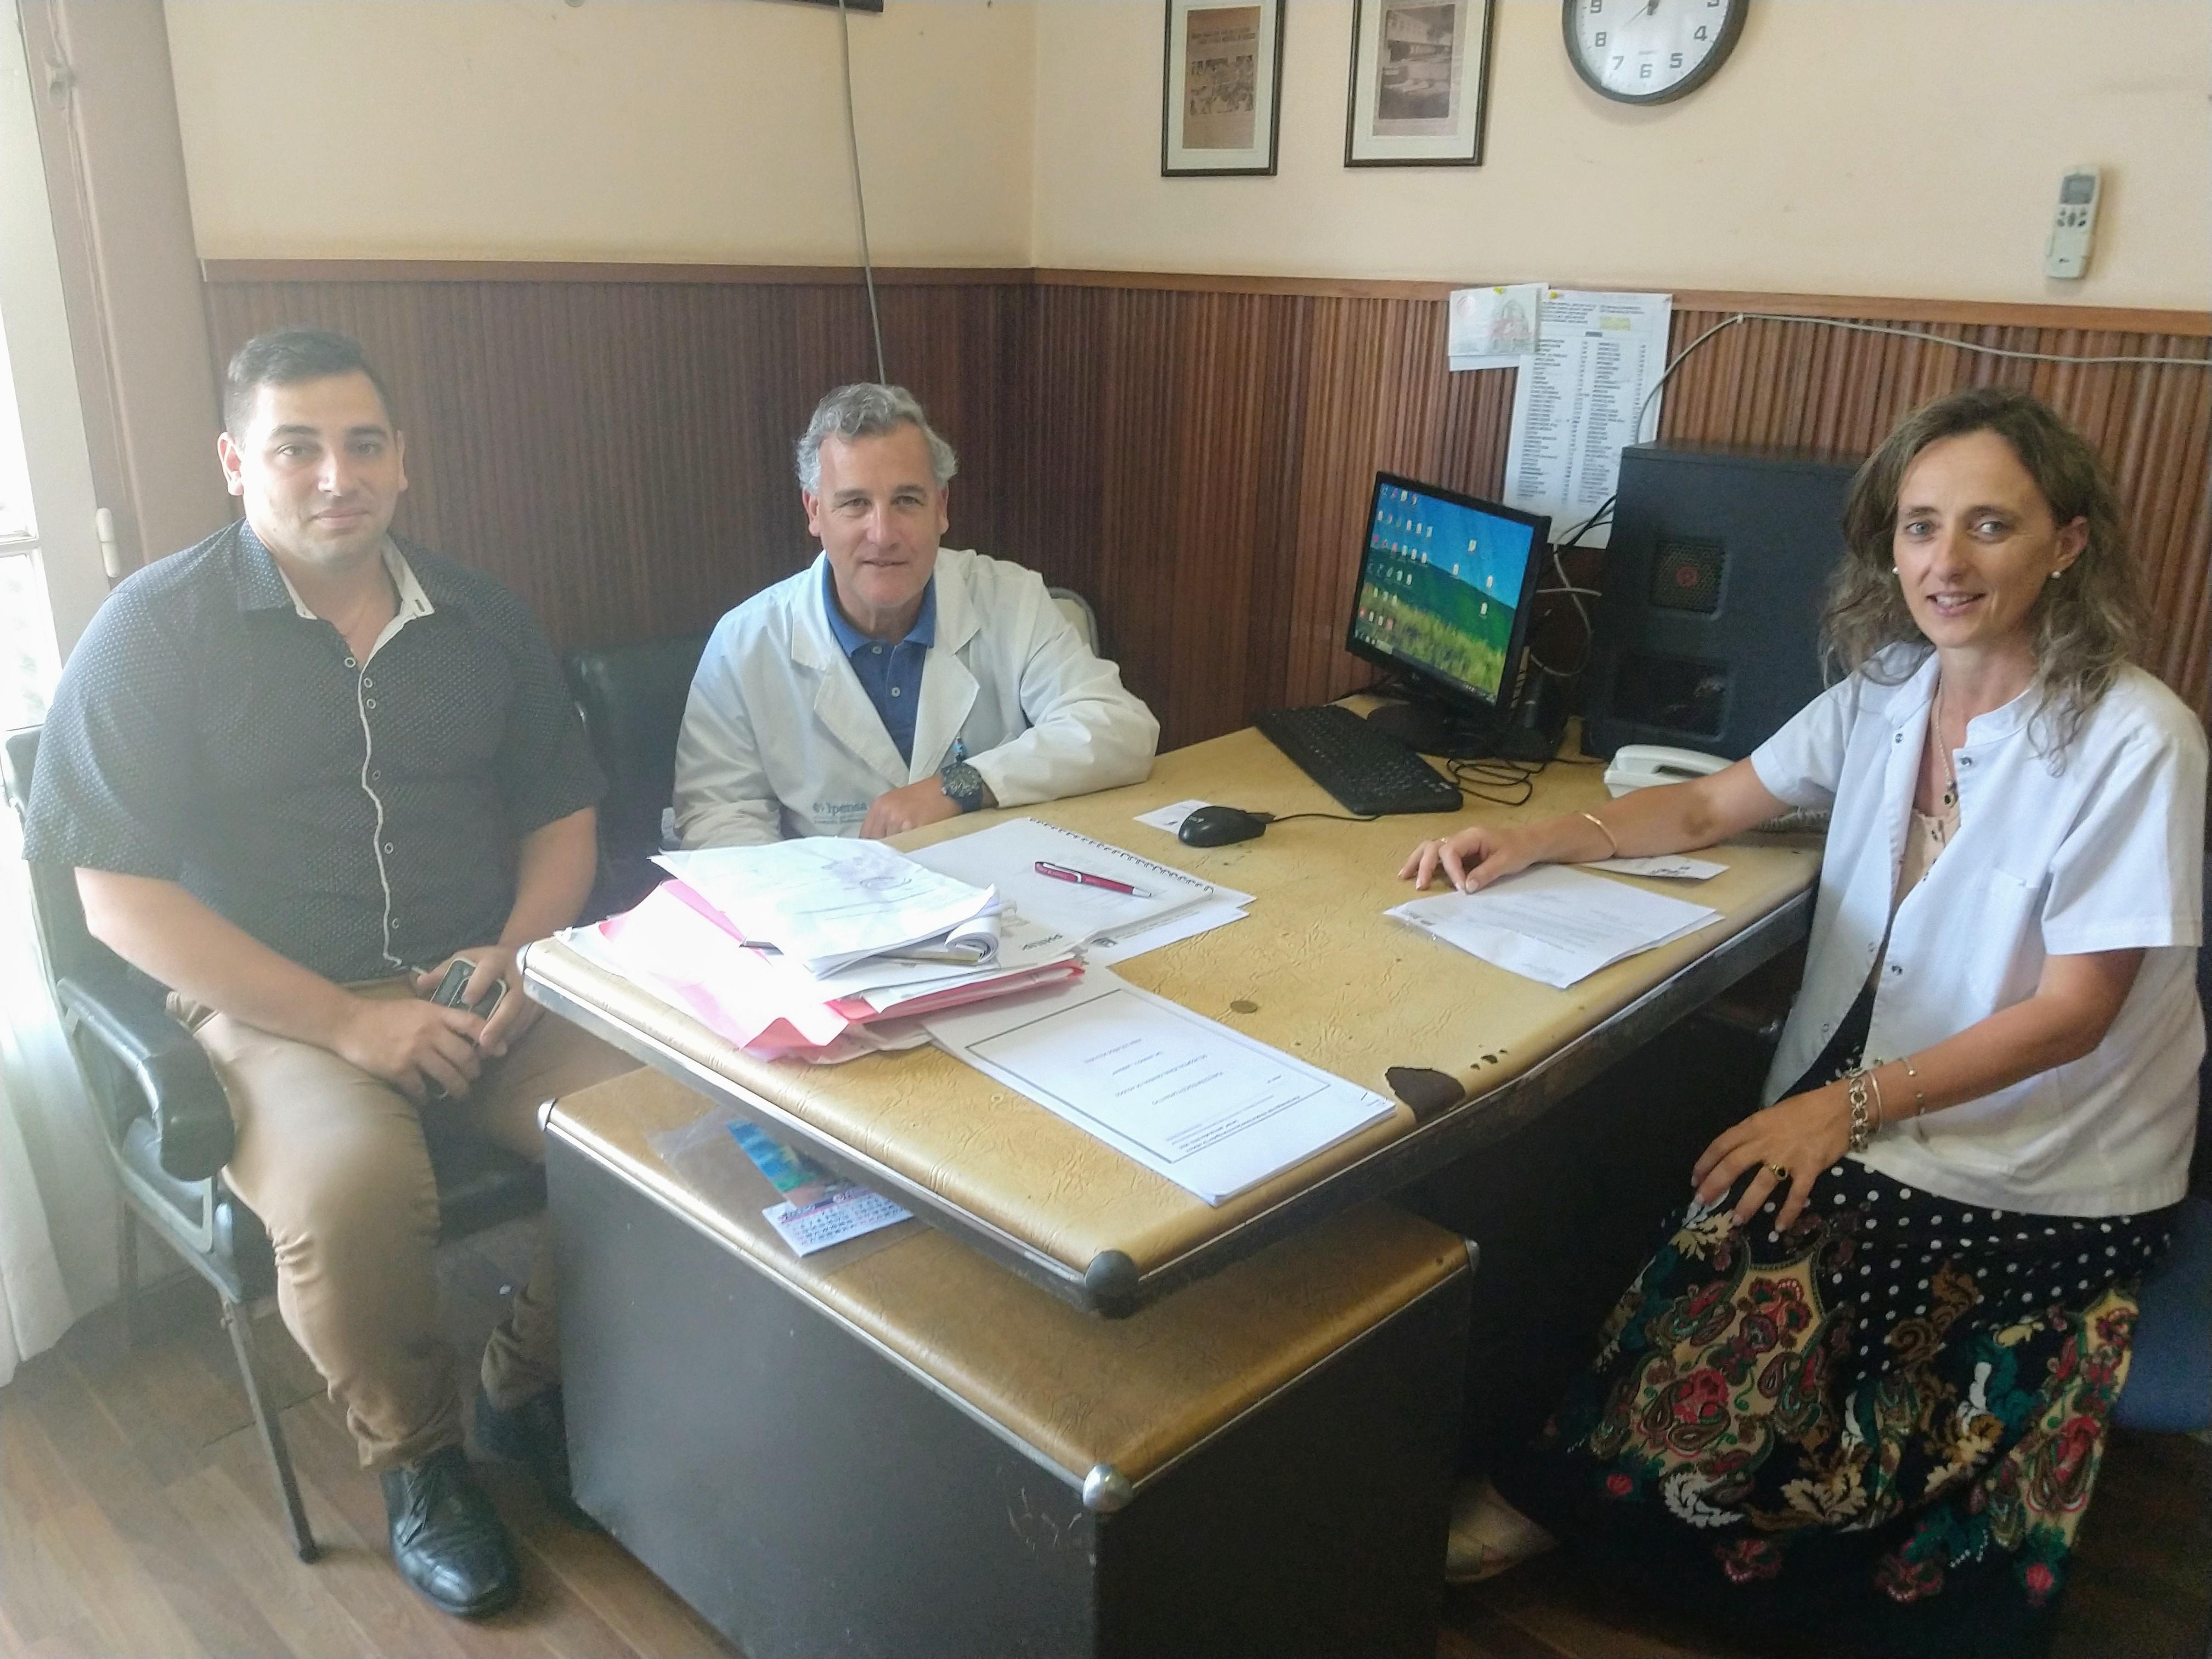 La nueva dirección del Hospita Larraín: Un trabajo que apunta a proyectos definitivos